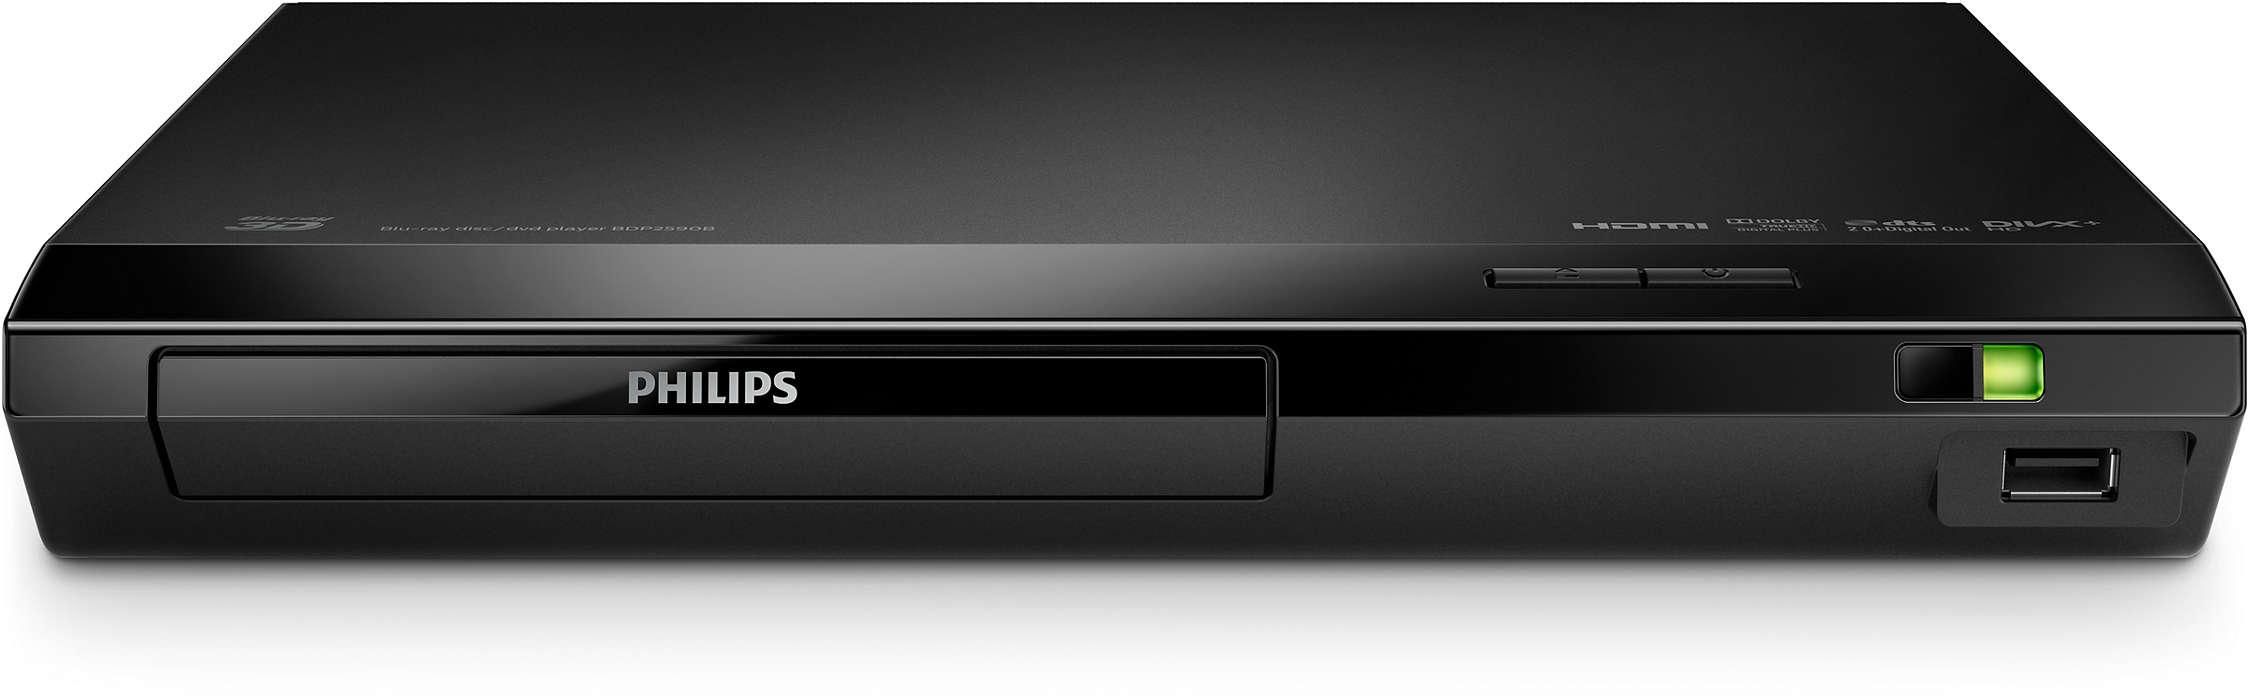 Vůbec nejrychlejší přehrávač Philips Blu-ray